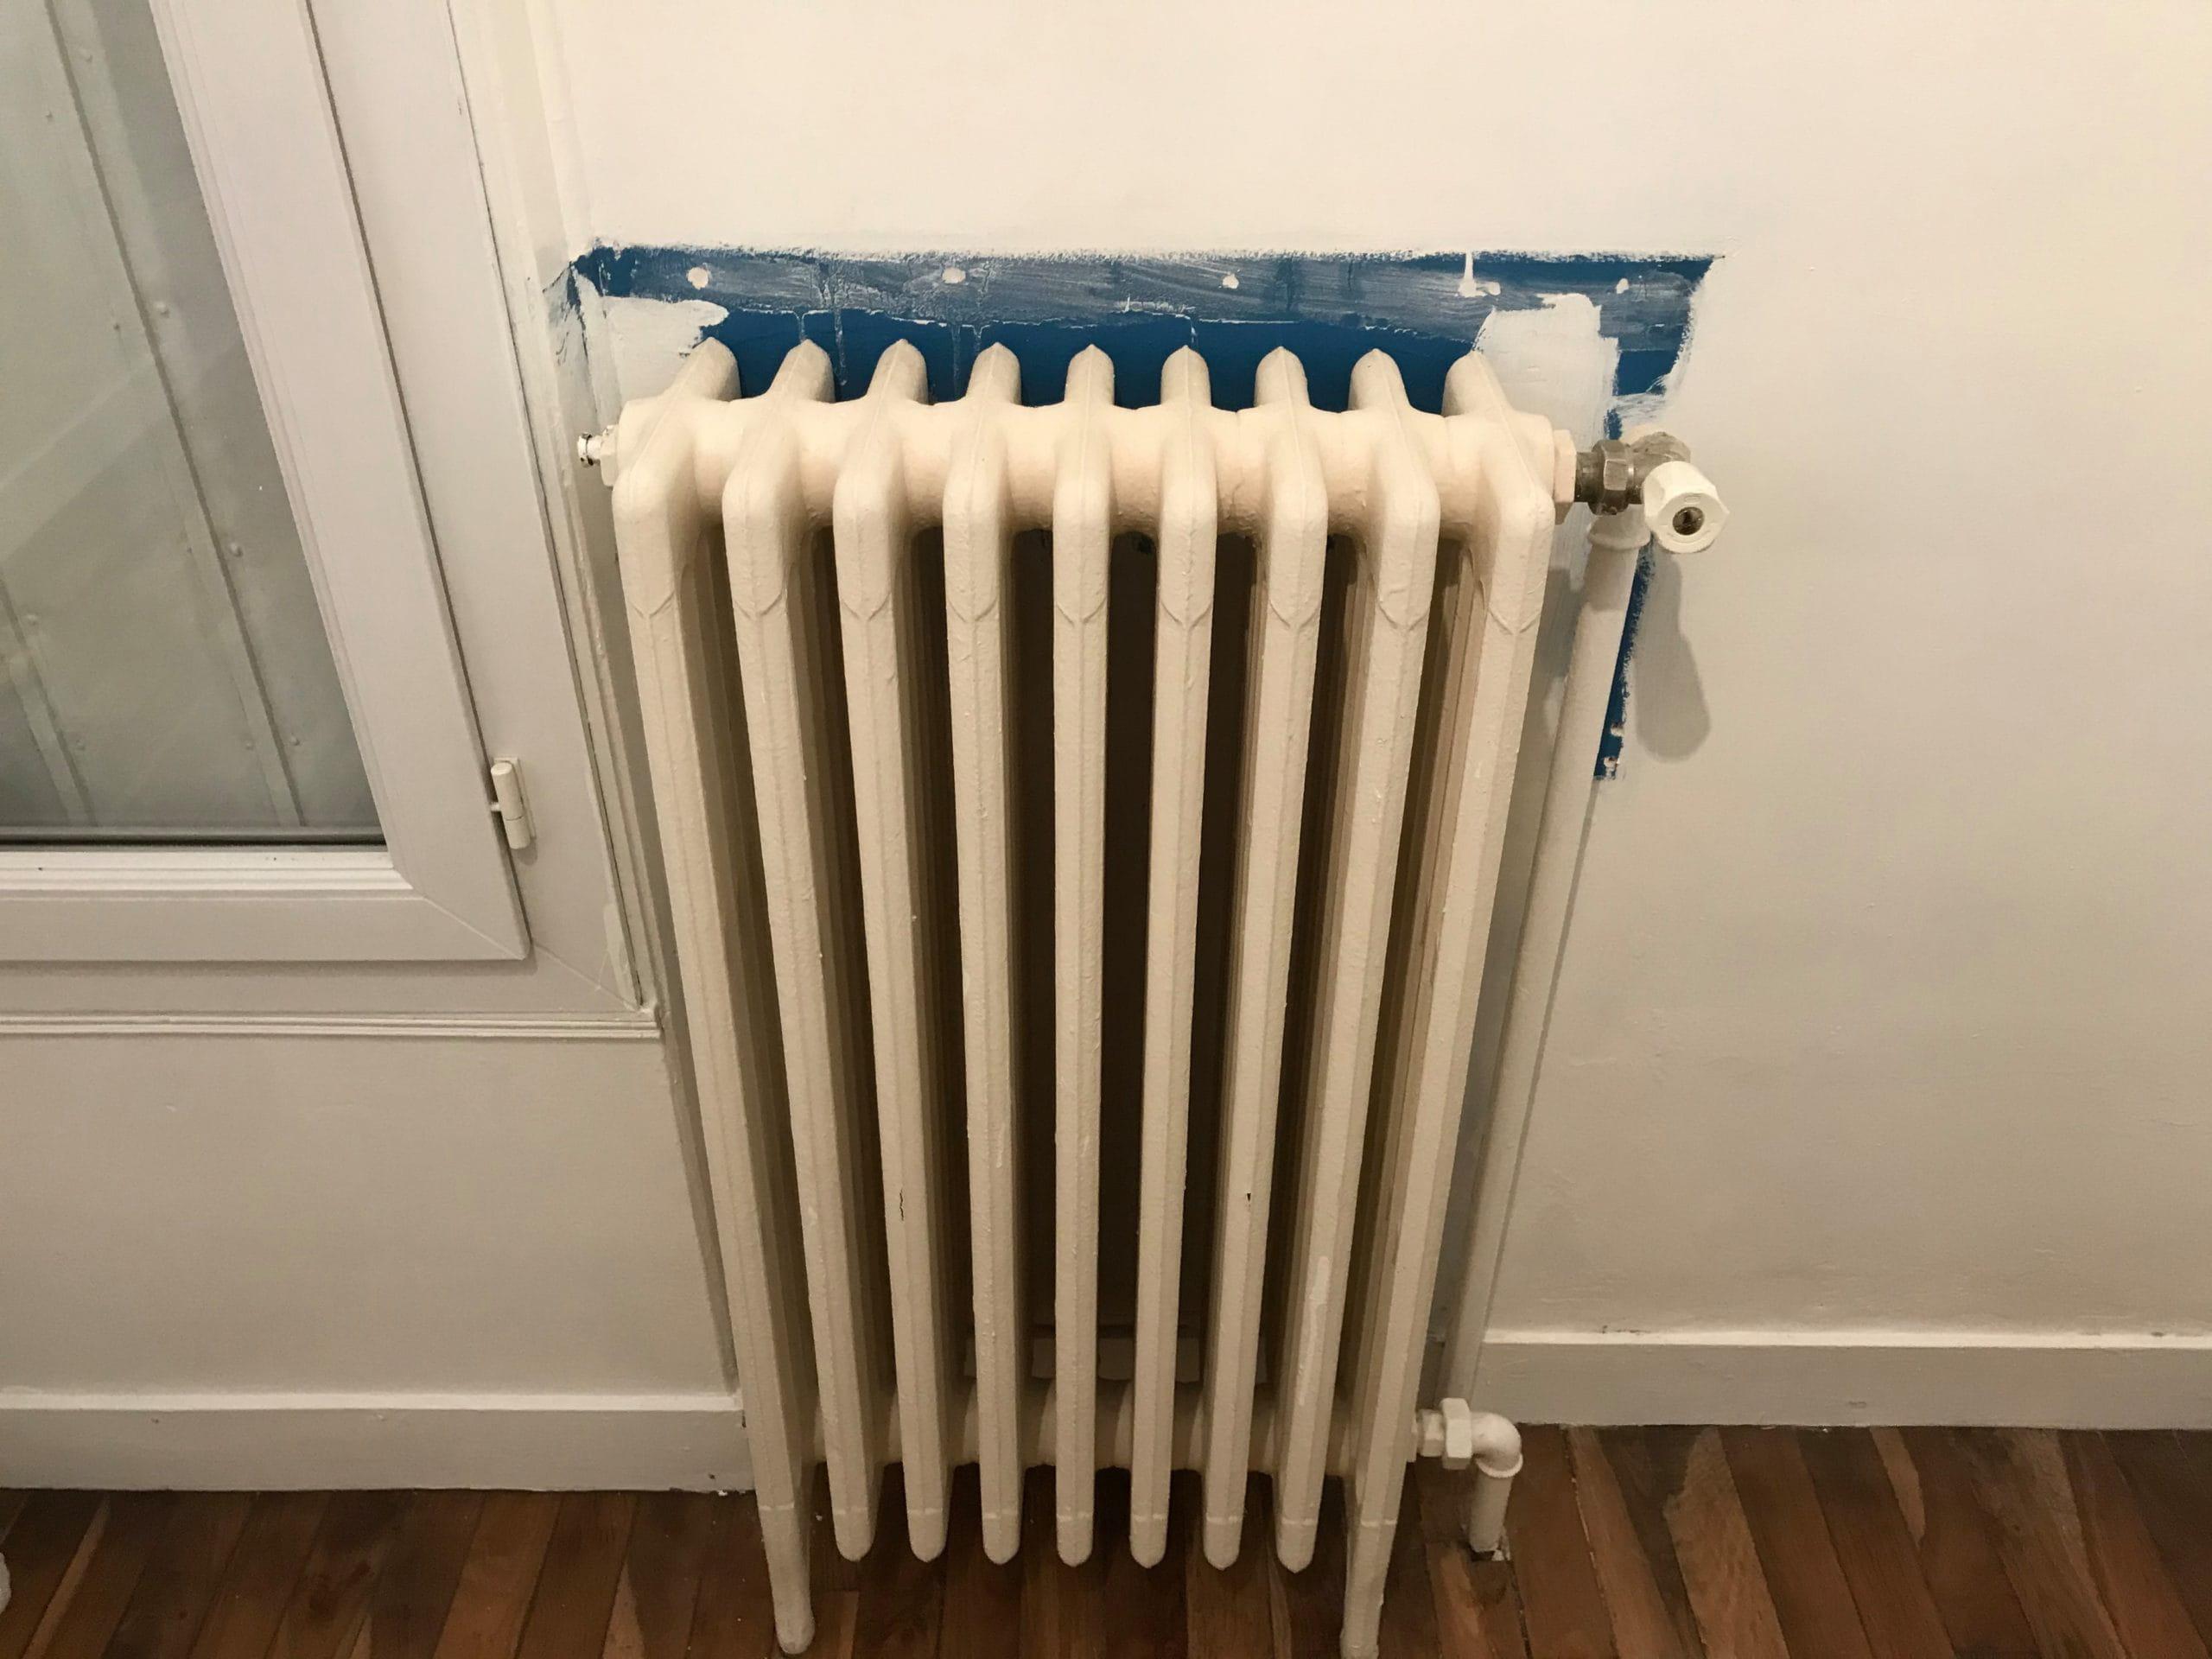 Dévisser Une Vis Sans Tête comment enlever un radiateur sans t ? - forum chauffage et